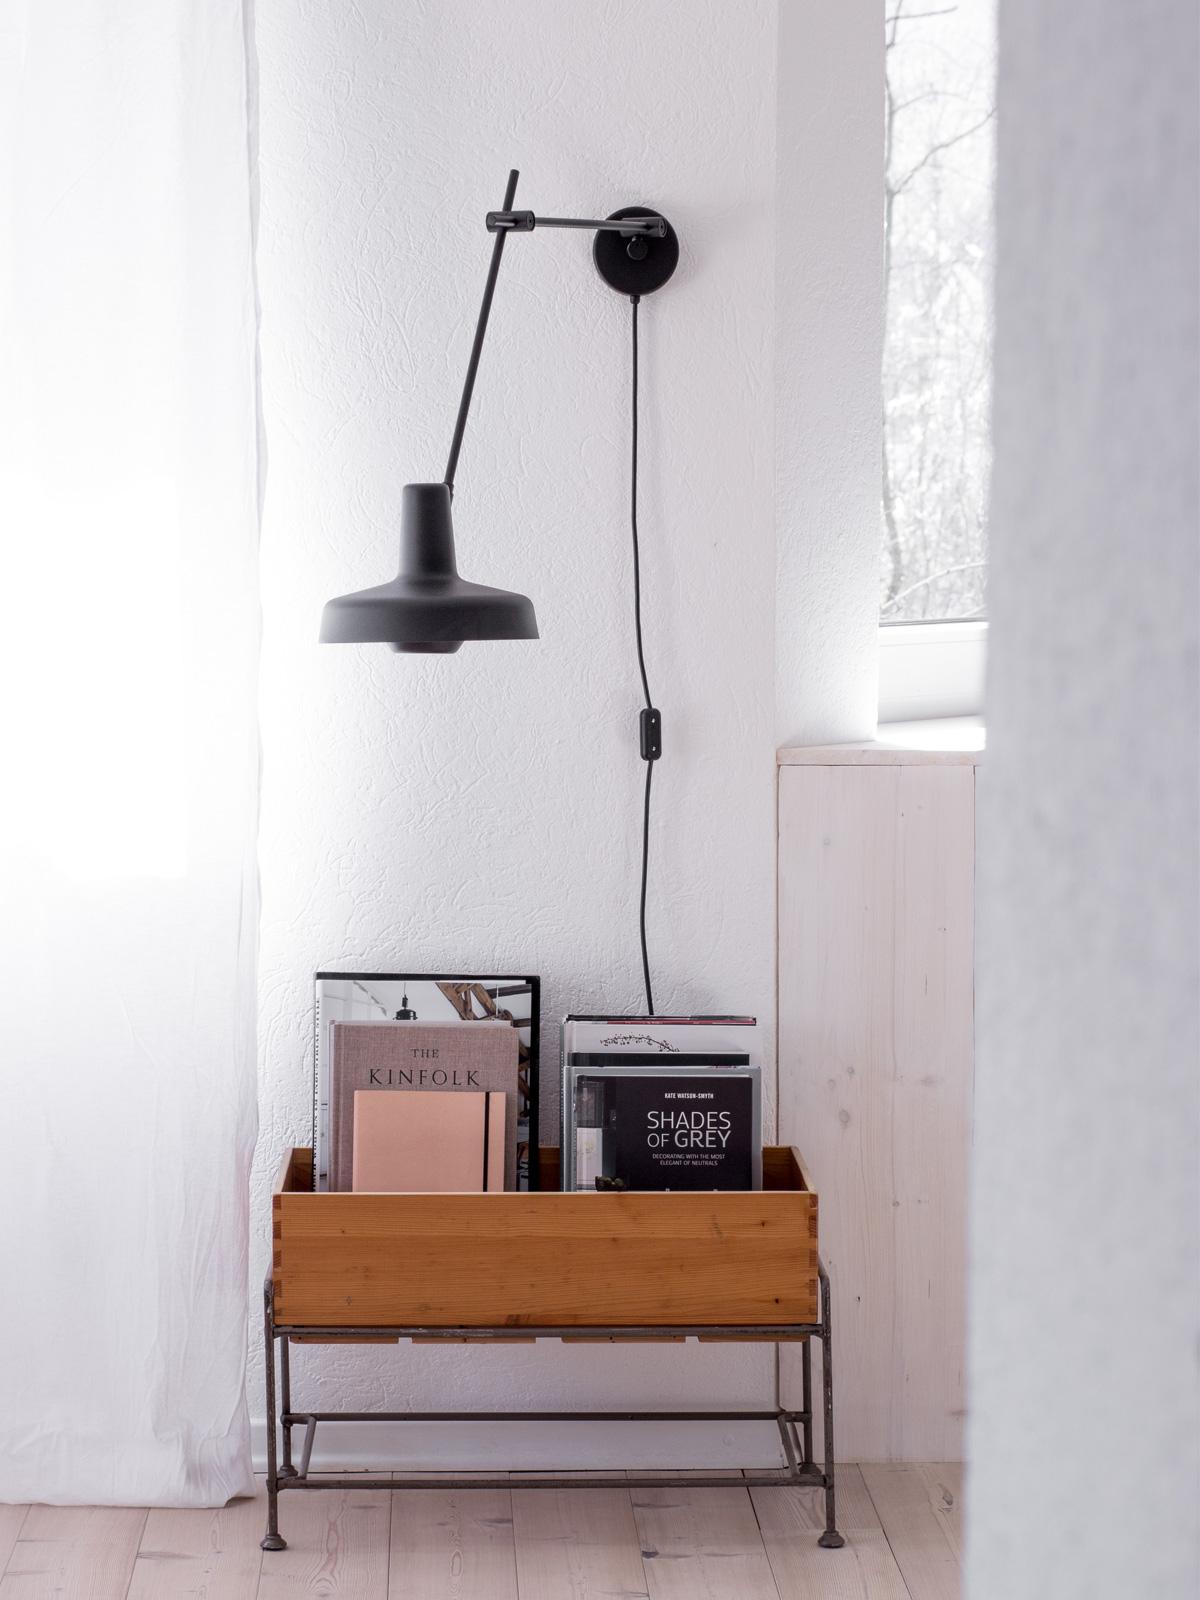 DesignOrt Blog: Eine Lampenfamilie stellt sich vor AR-W Arigato Wall Designerleuchten & Lampen für die Ferienwohnung